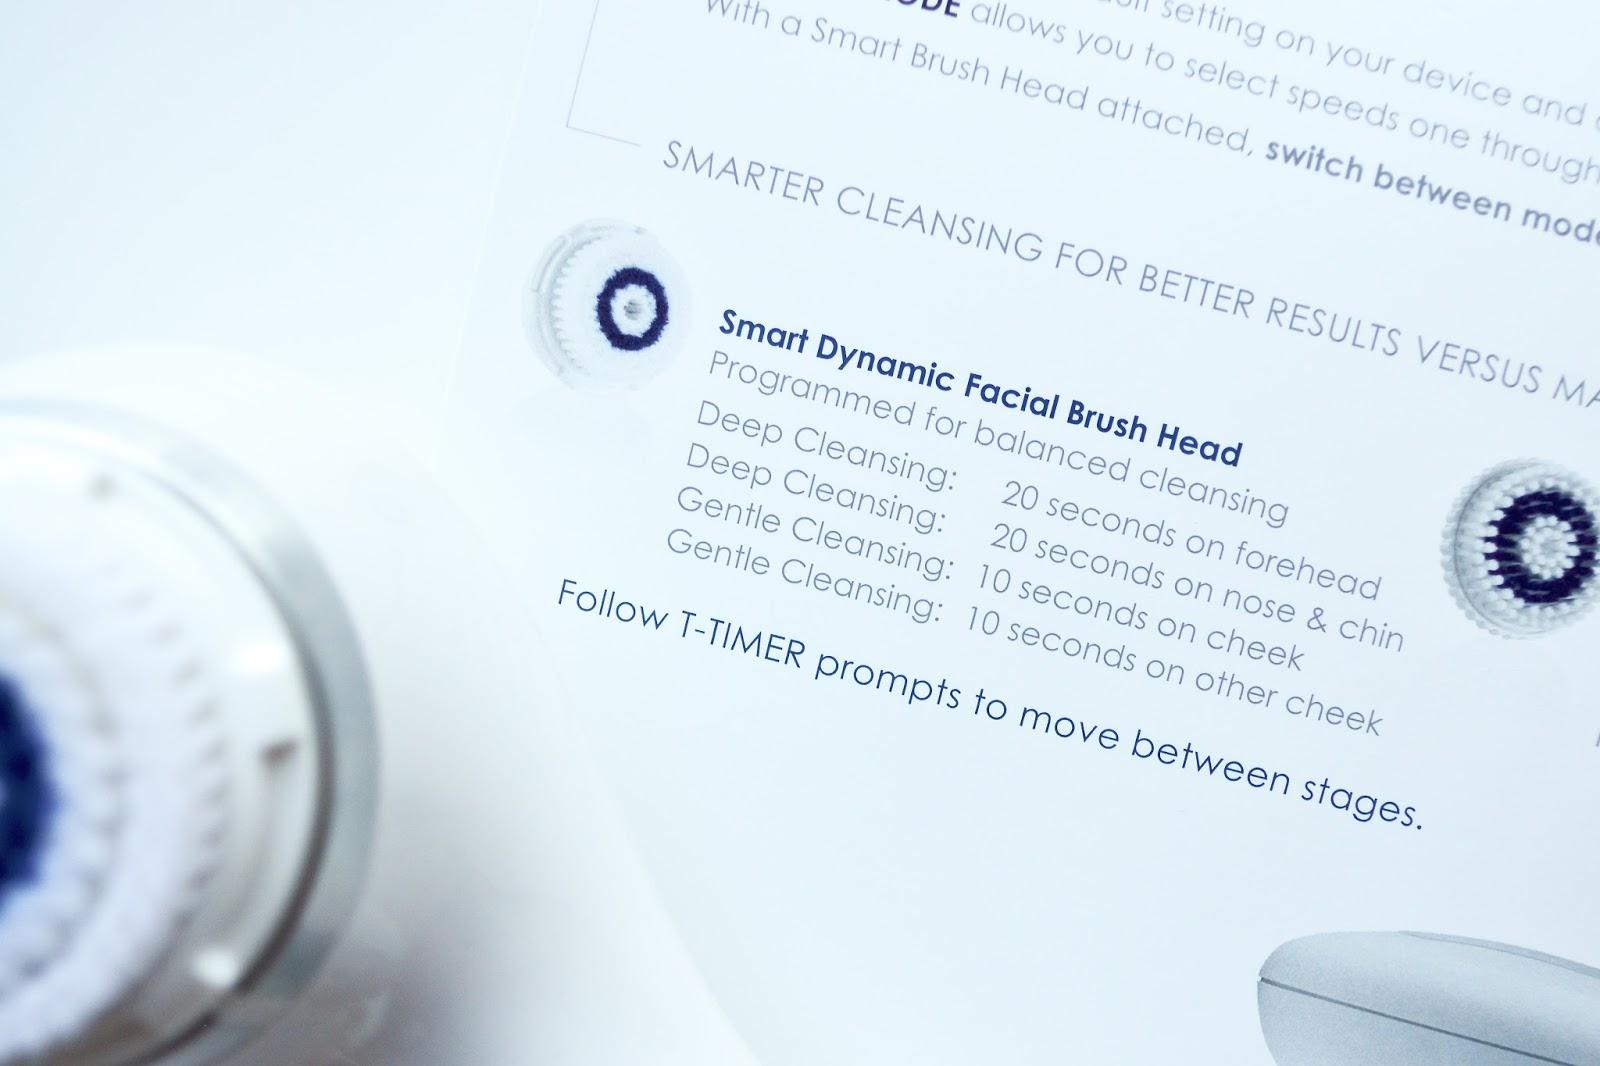 Clarisonic Smart Profile, Cleanse, Skincare, Smart Profile